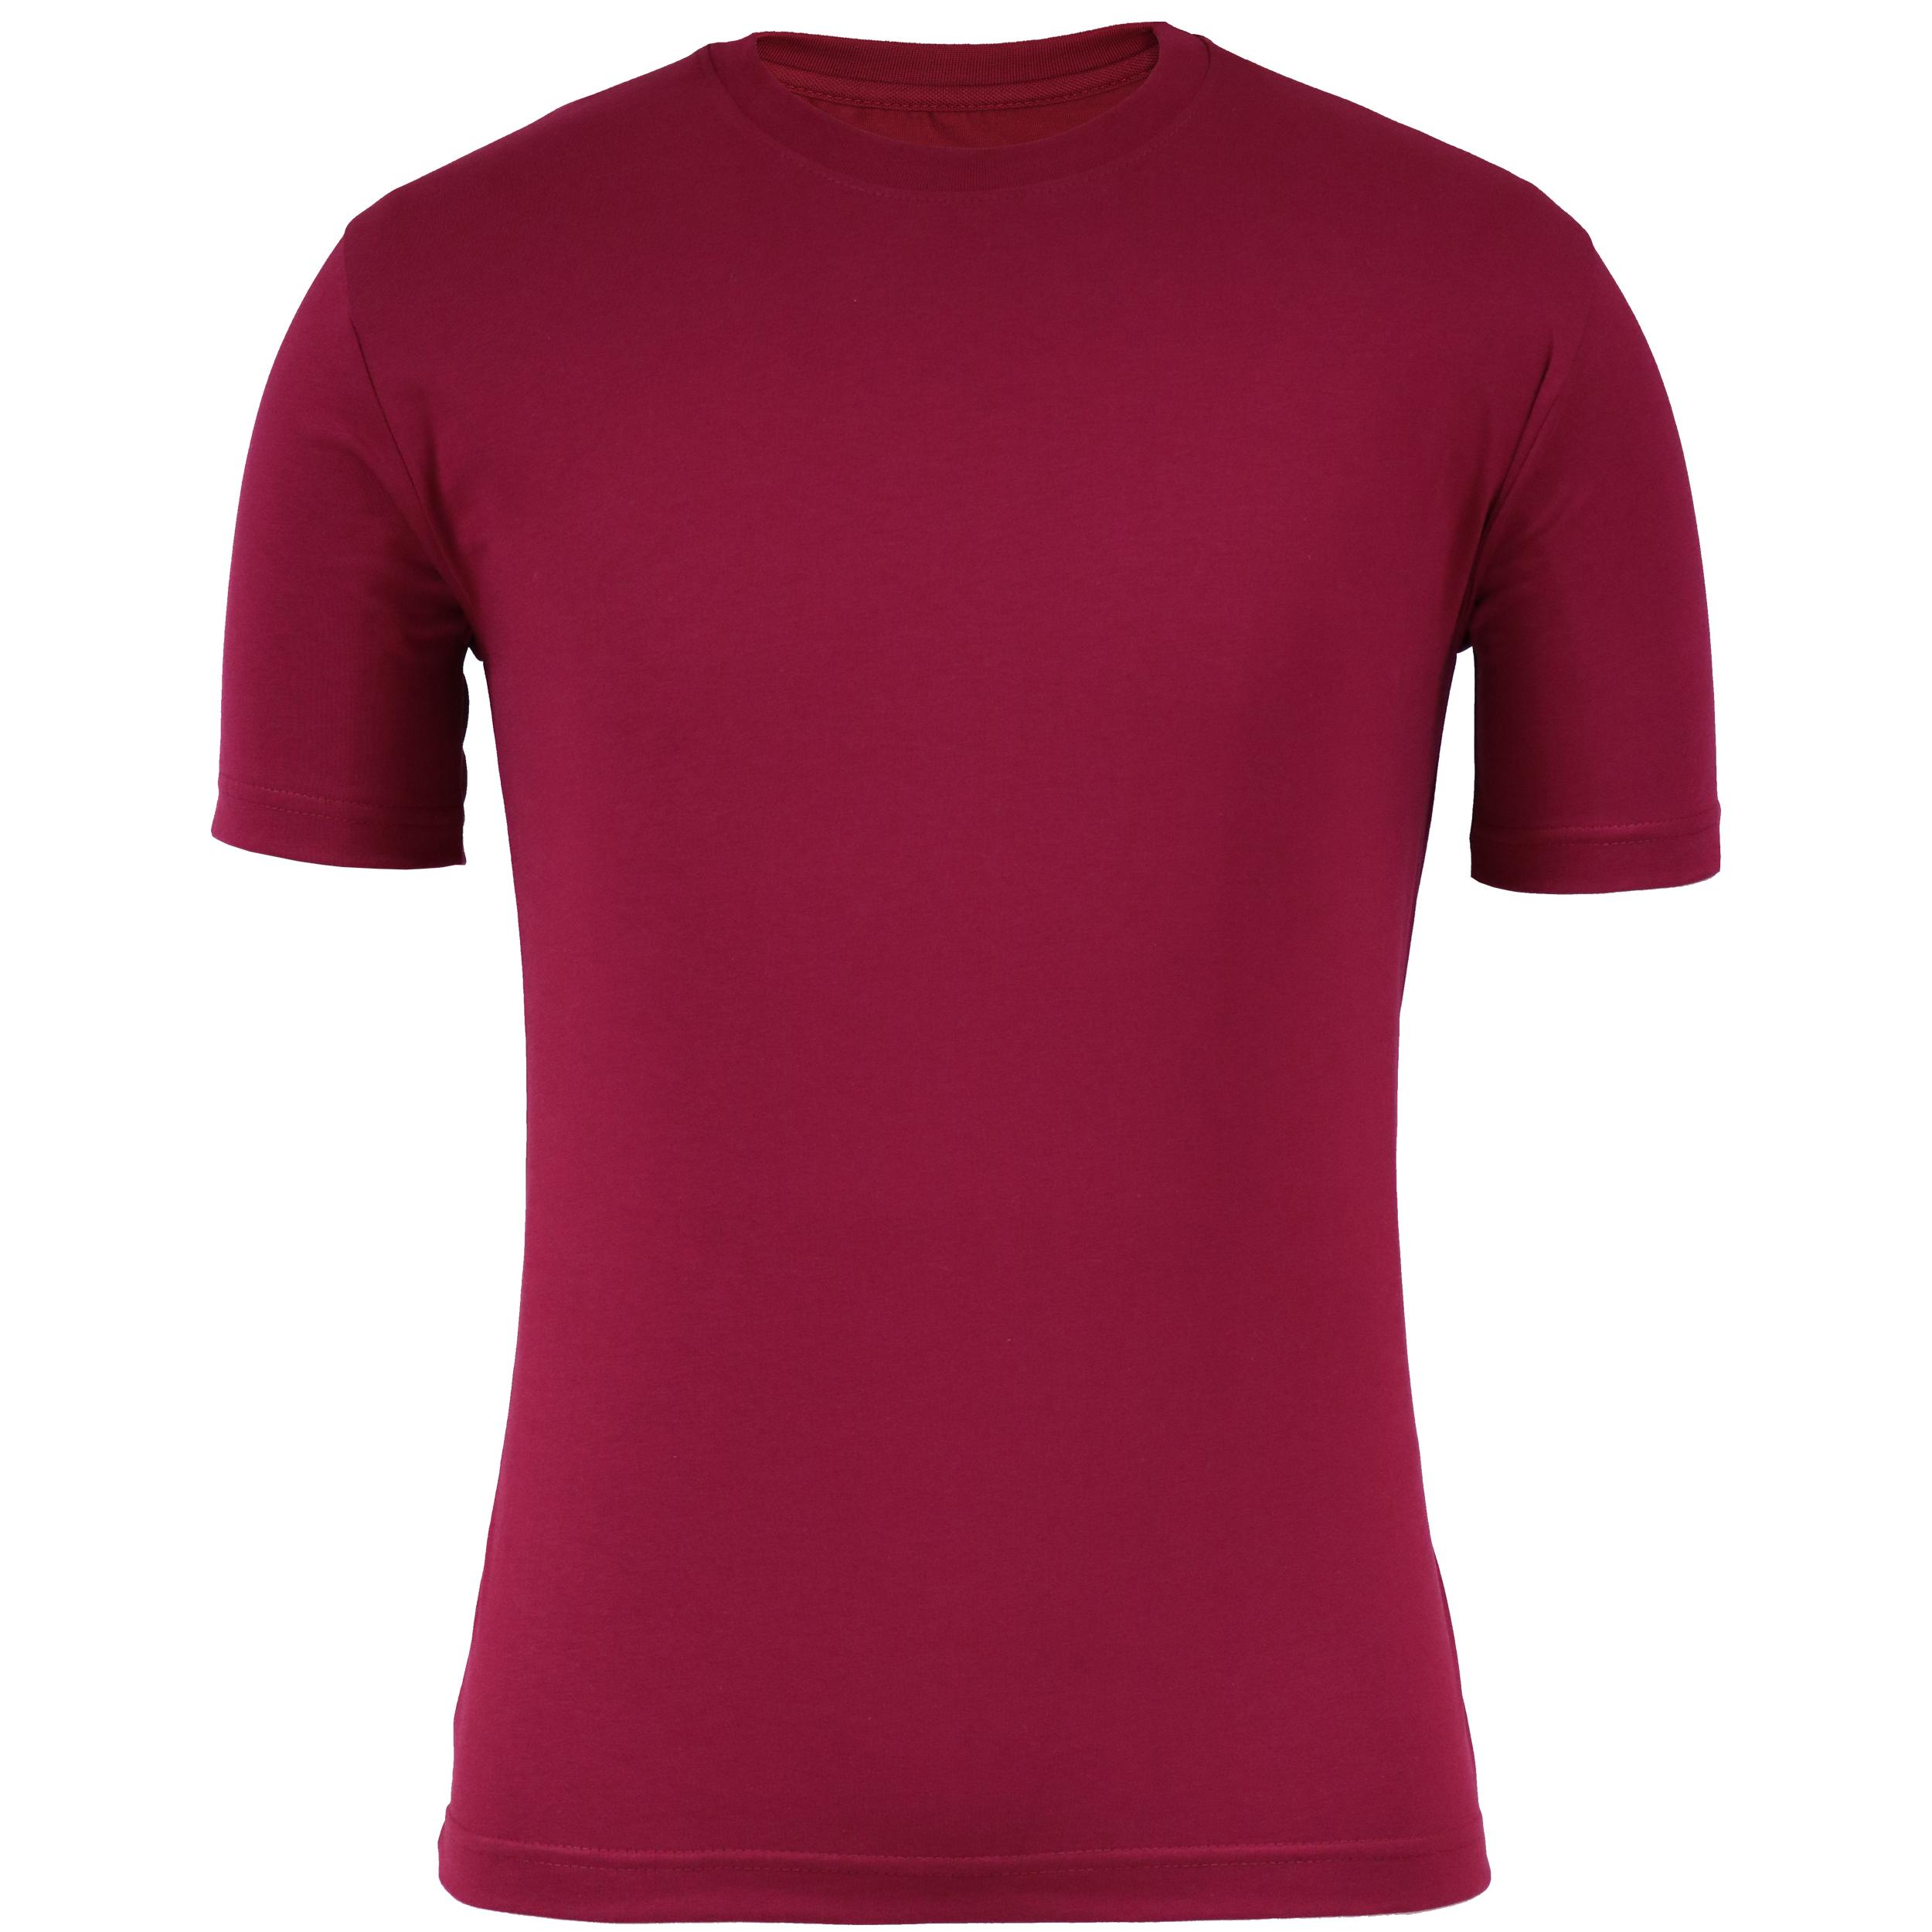 تاپ و تی شرت راحتی مردانه